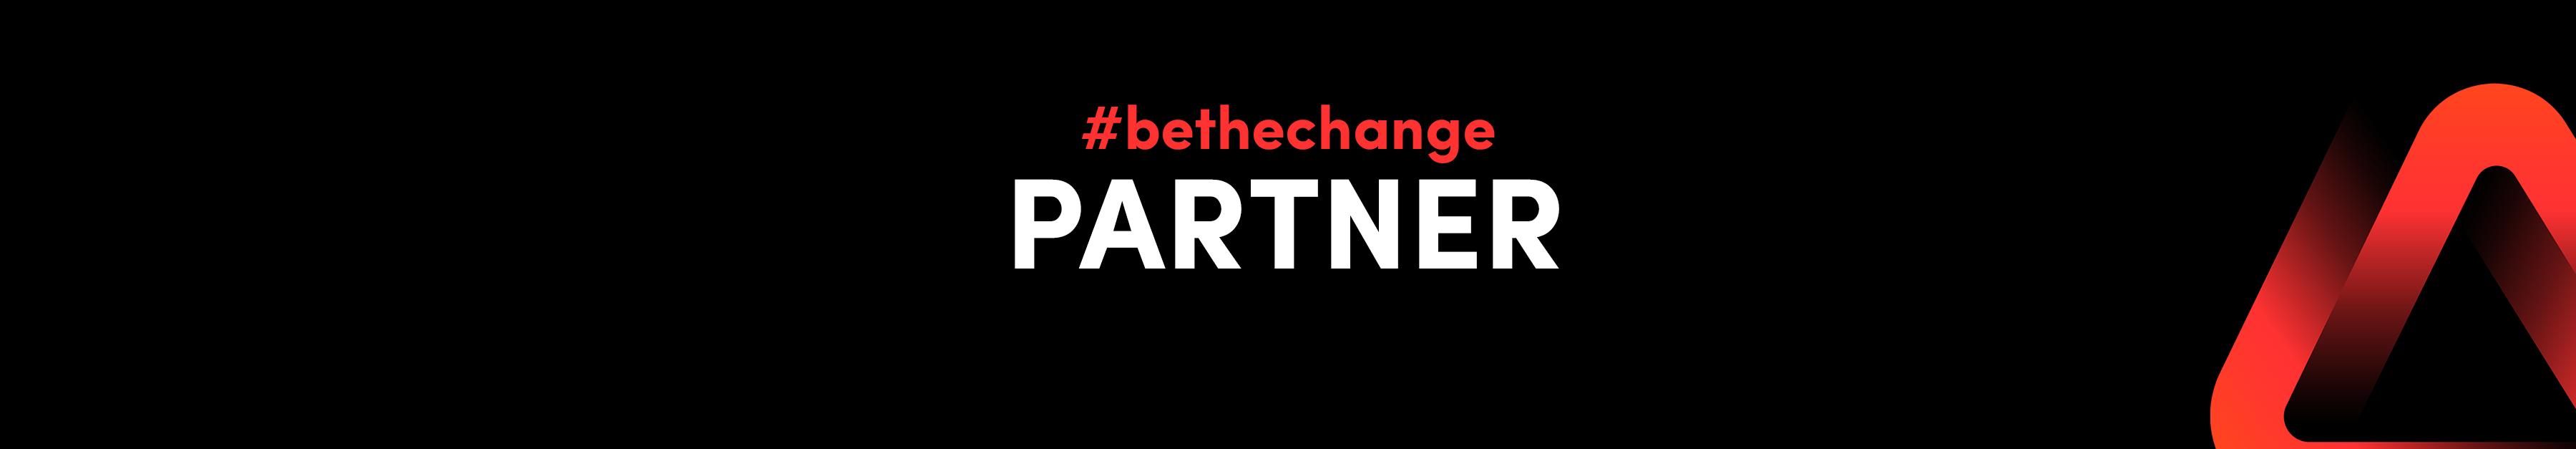 #bethechange Partner request 1